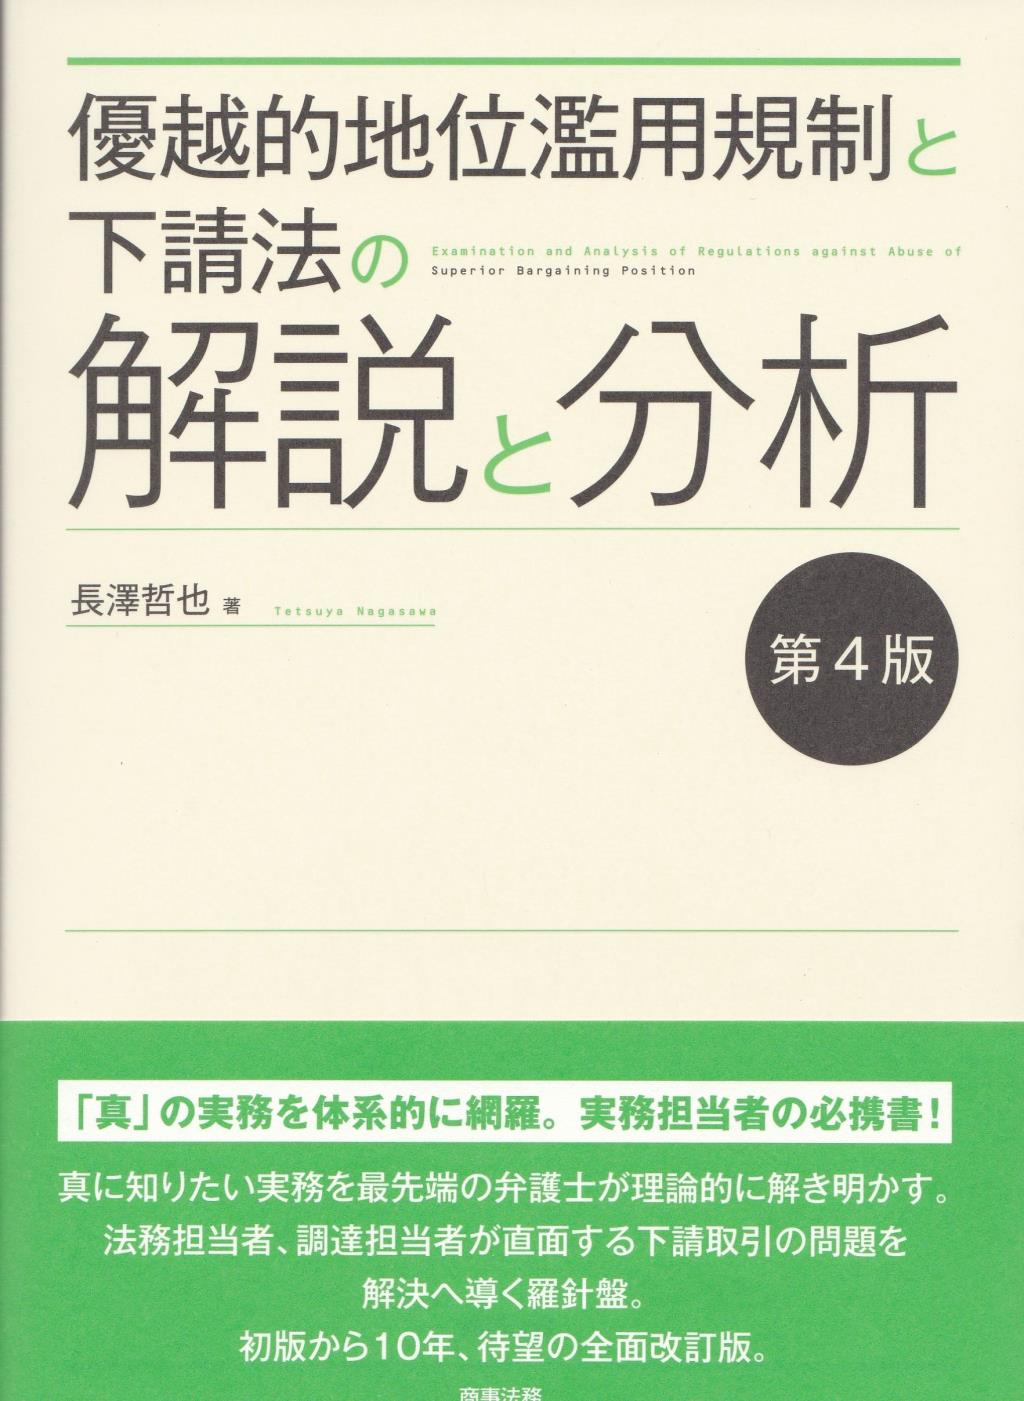 優越的地位濫用規制と下請法の解説と分析〔第4版〕